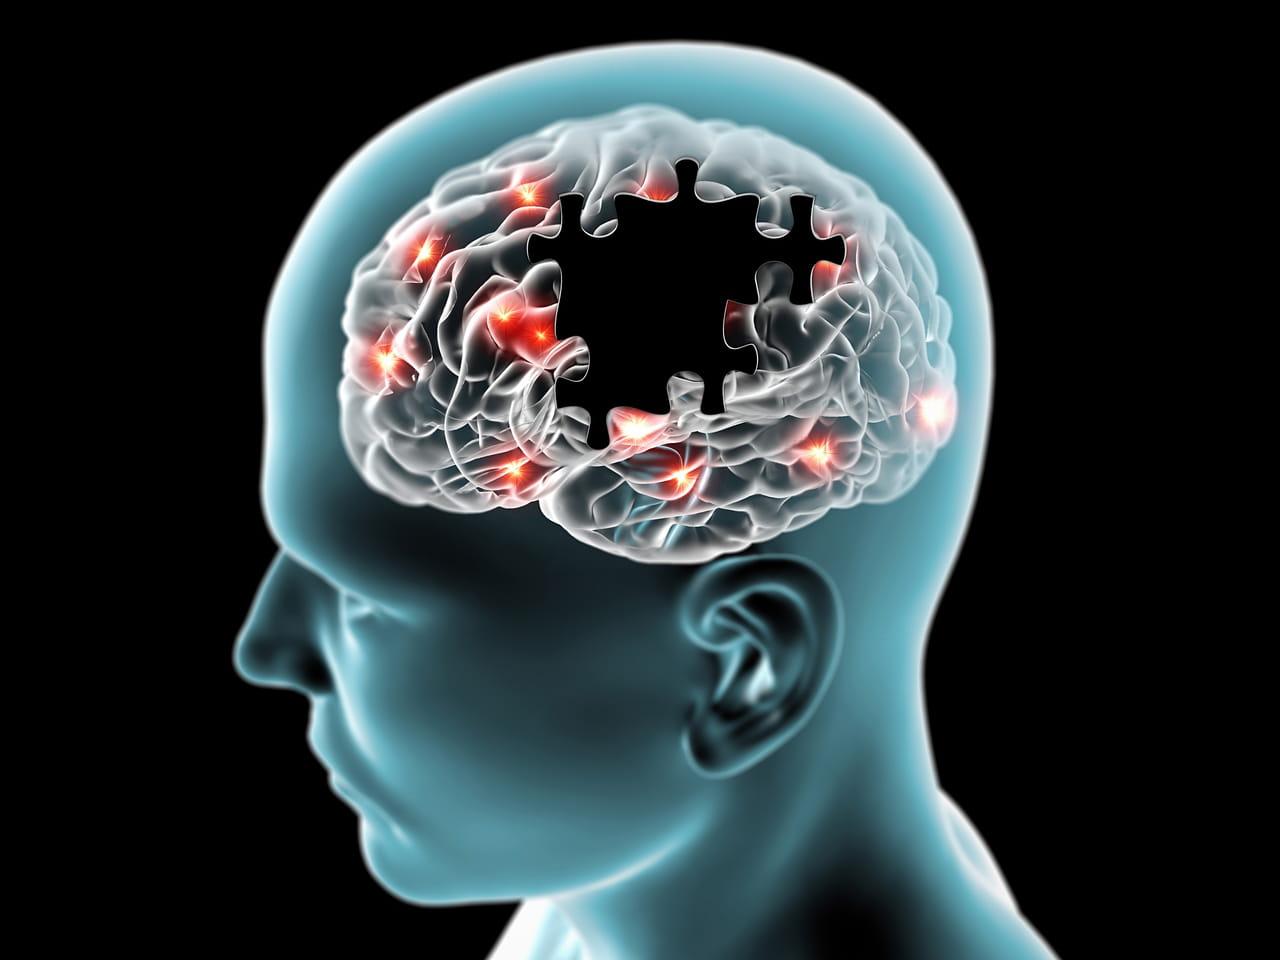 Maladie de Parkinson : quels sont les premiers symptômes ?